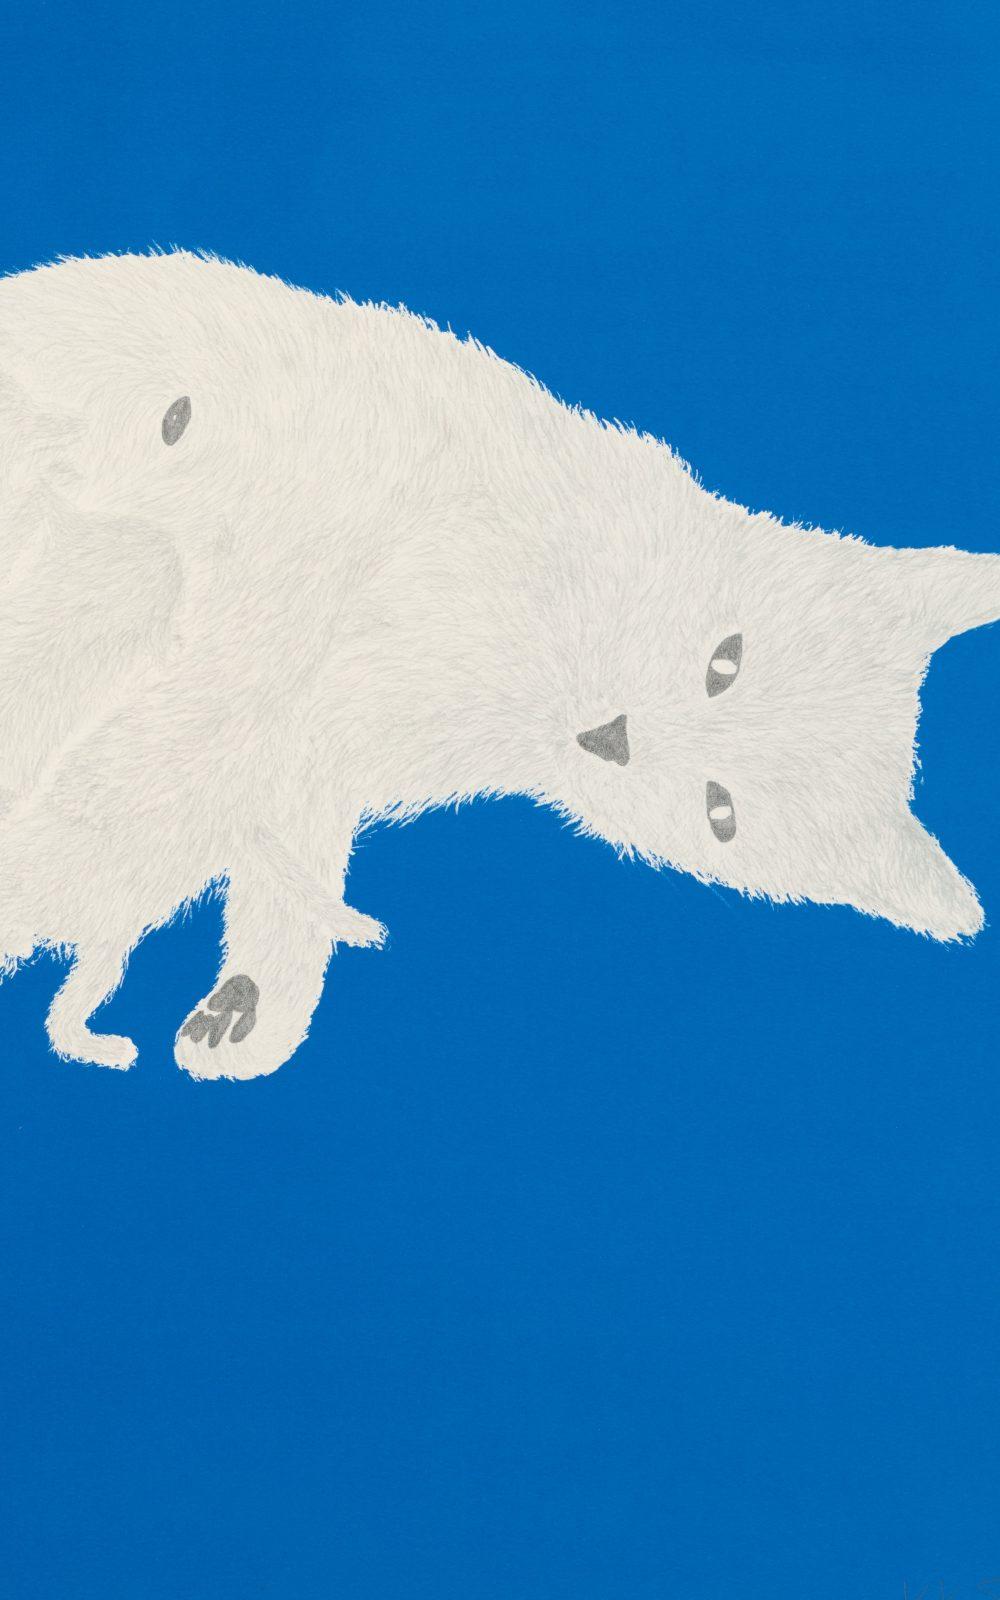 Kiki Smith, Litter, 1999, Lithographie mit Vergoldung auf Arches Cover White-Papier, 551 x 764 mm, Staatliche Graphische Sammlung München, Schenkung der Künstlerin © Kiki Smith, courtesy Pace Gallery